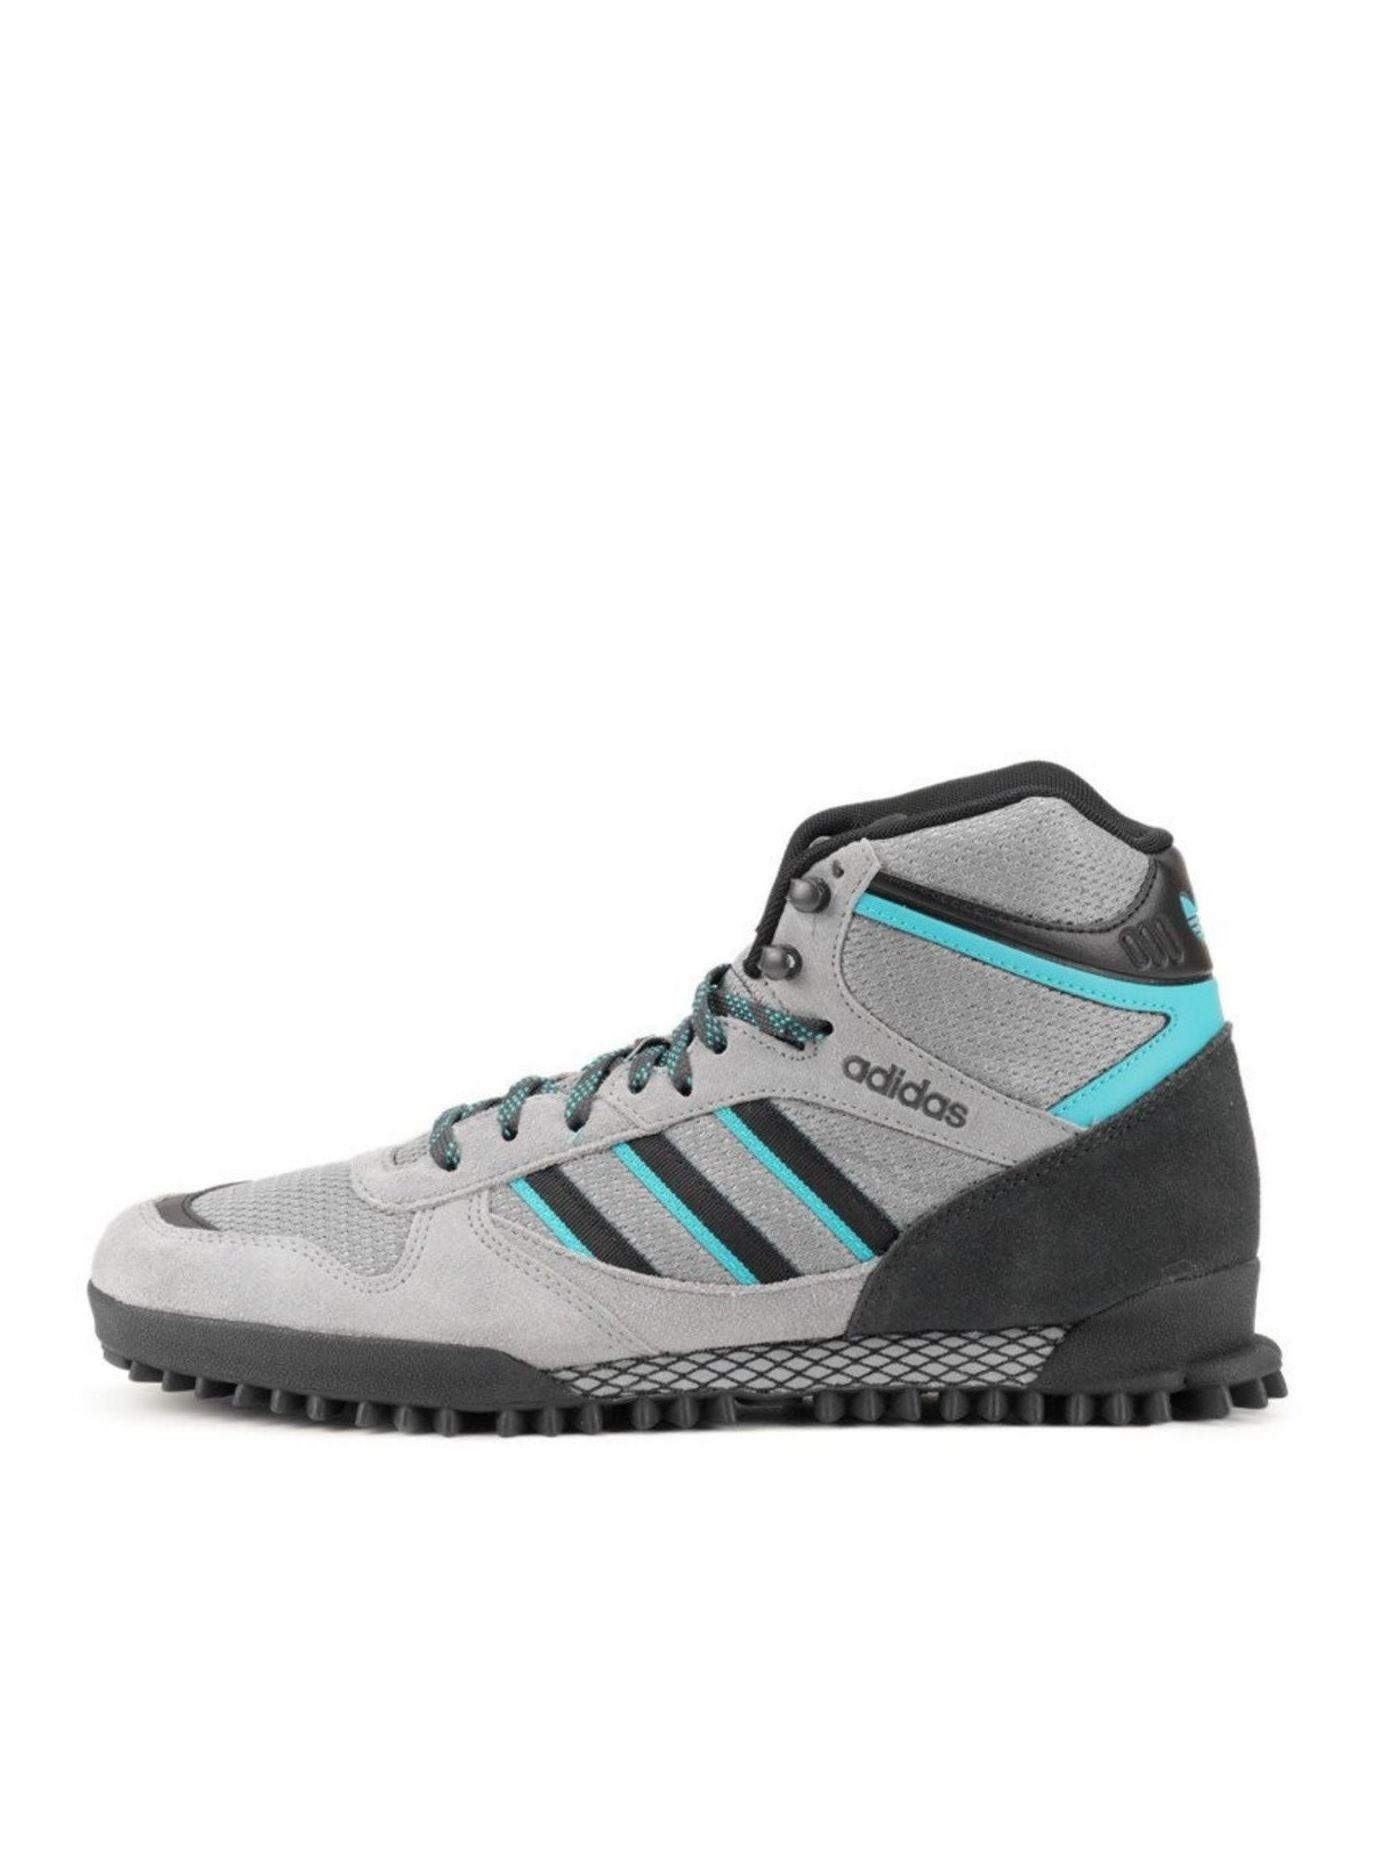 adidas Originals Marathon TR Mid   Sneakers: adidas Marathon